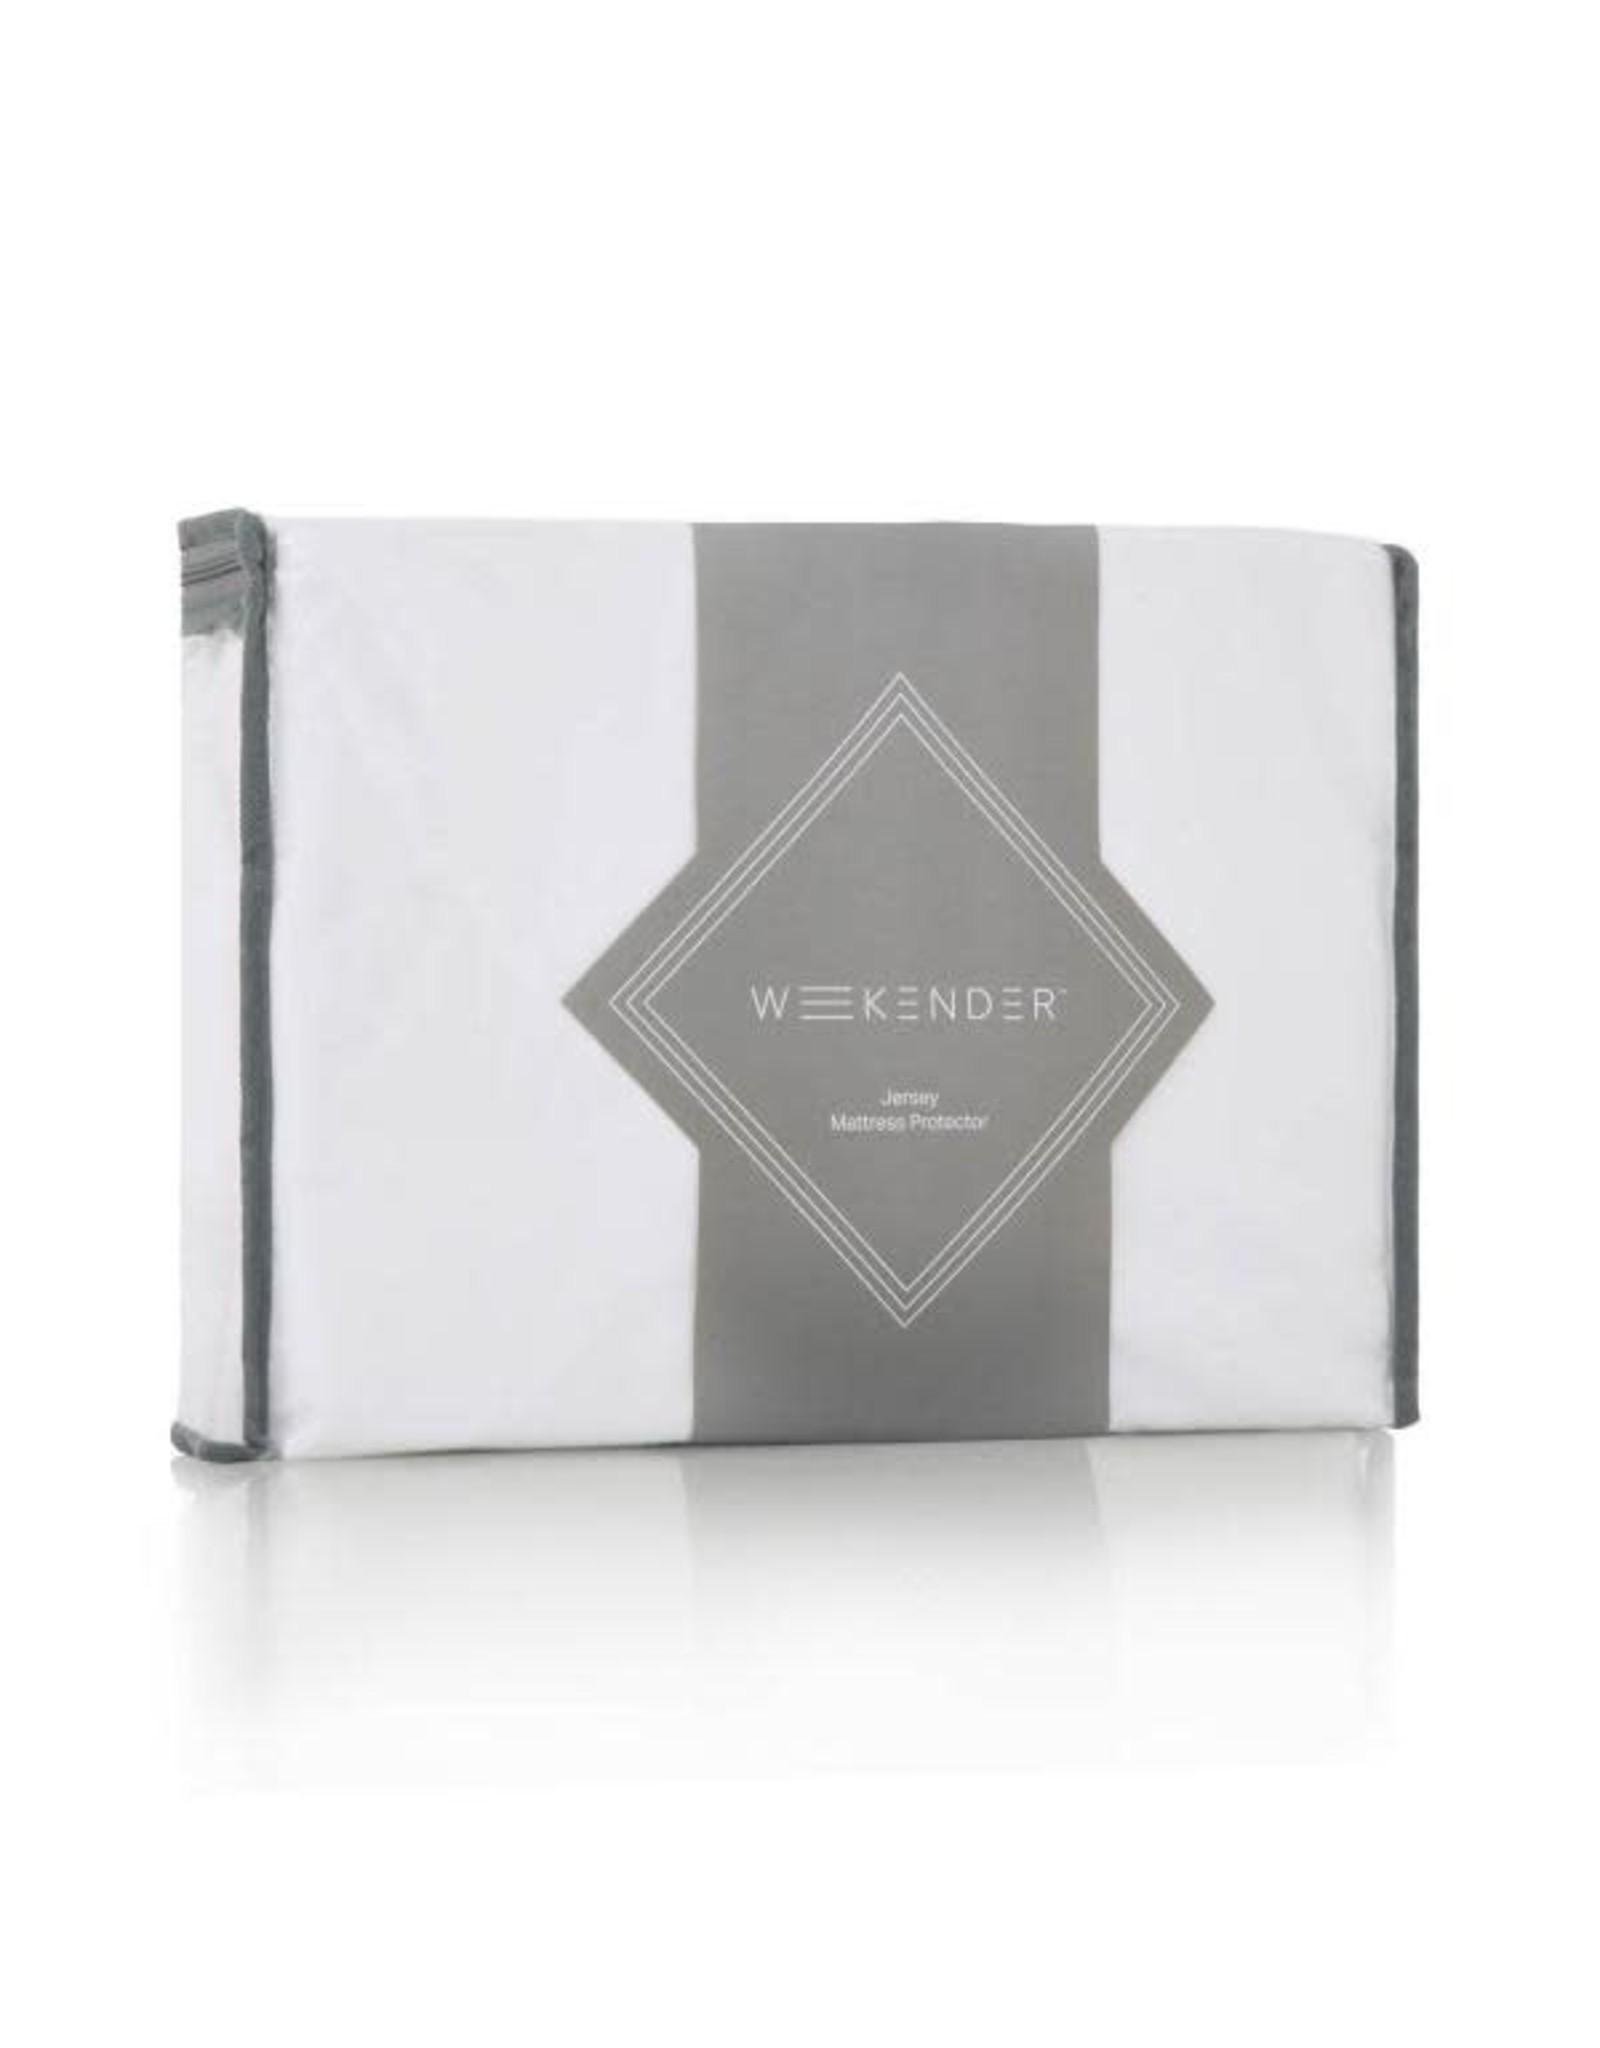 Weekender WK0PTTMP Jersey Mattress Protector